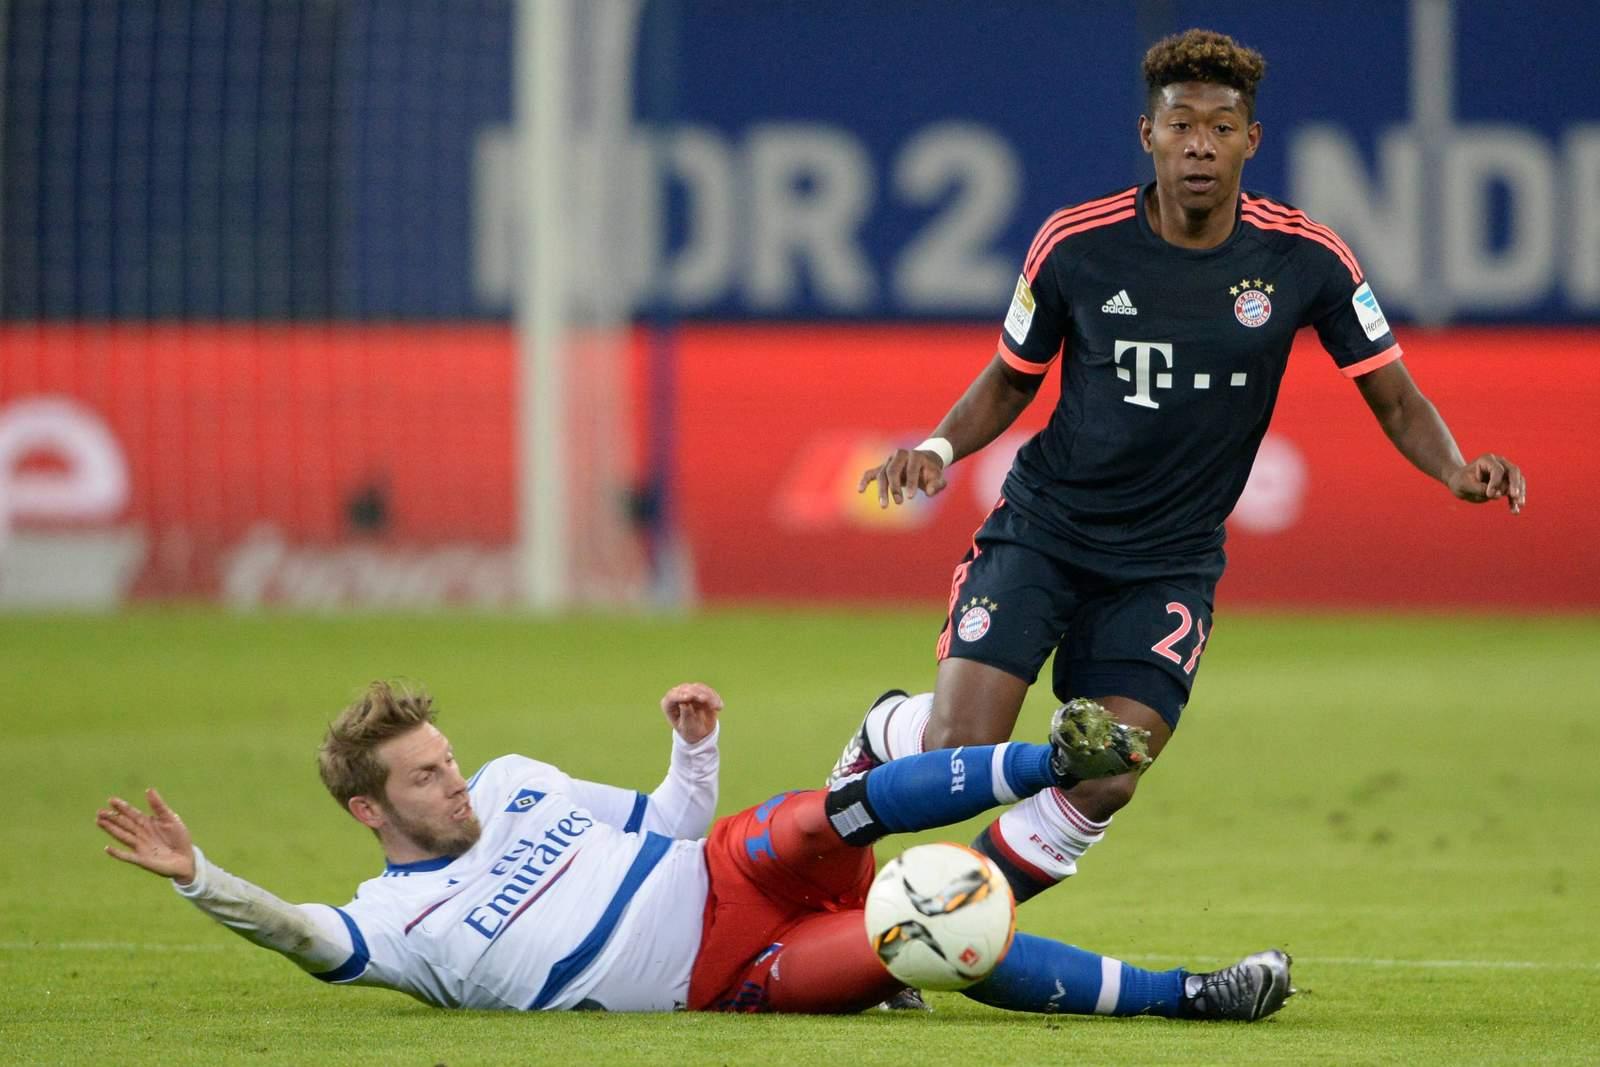 Aaron Hunt gegen David Alaba. Jetzt auf die Partie FC Bayern gegen HSV wetten.